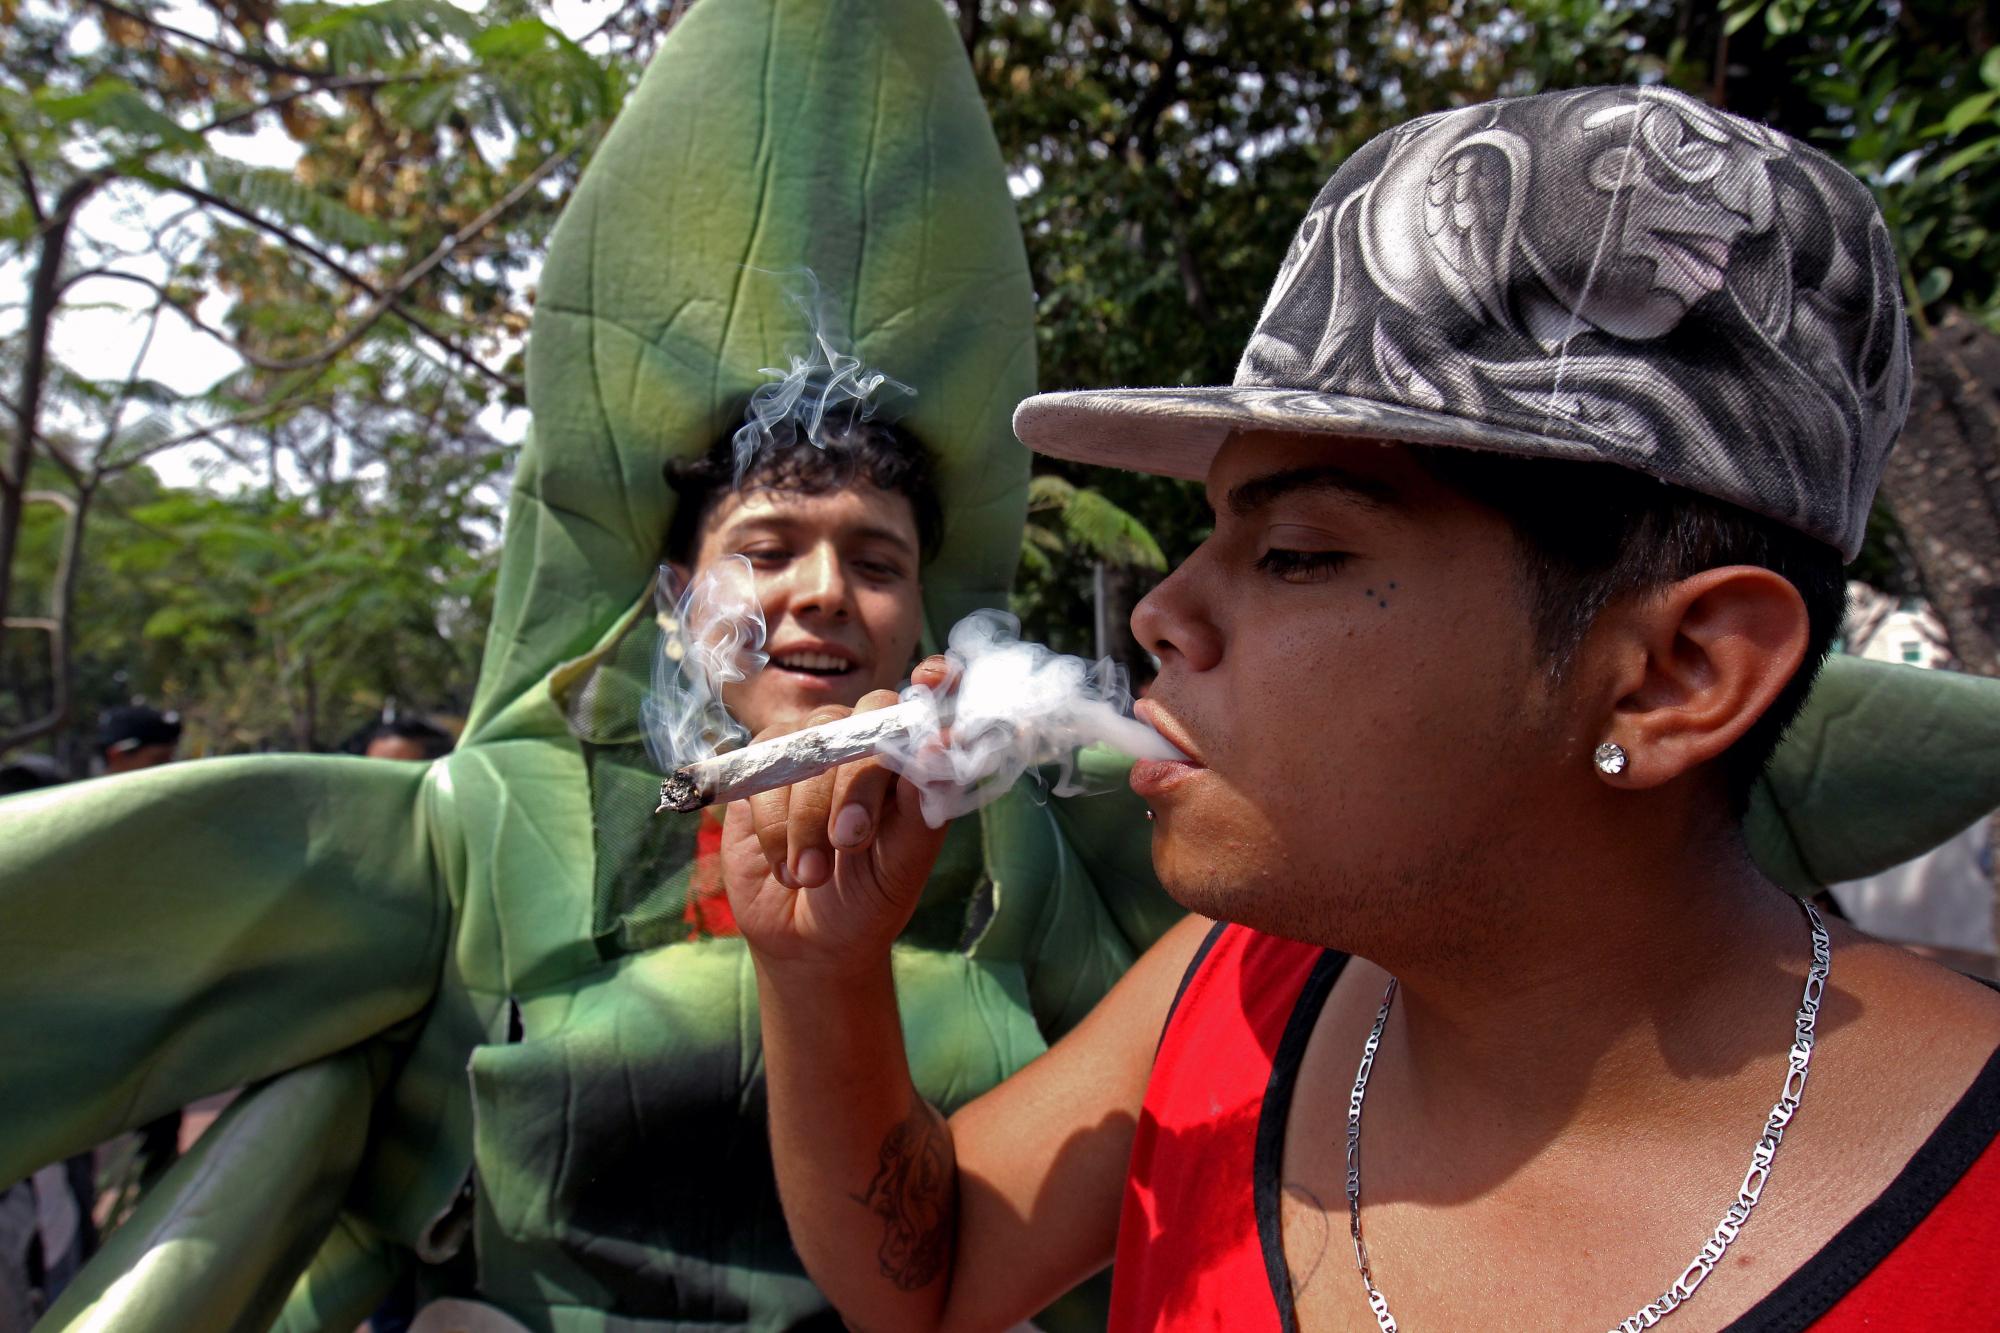 Un hombre fuma durante una manifestación a favor de la legalización de la marihuana en el estado de Jalisco, México, en mayo de 2018.